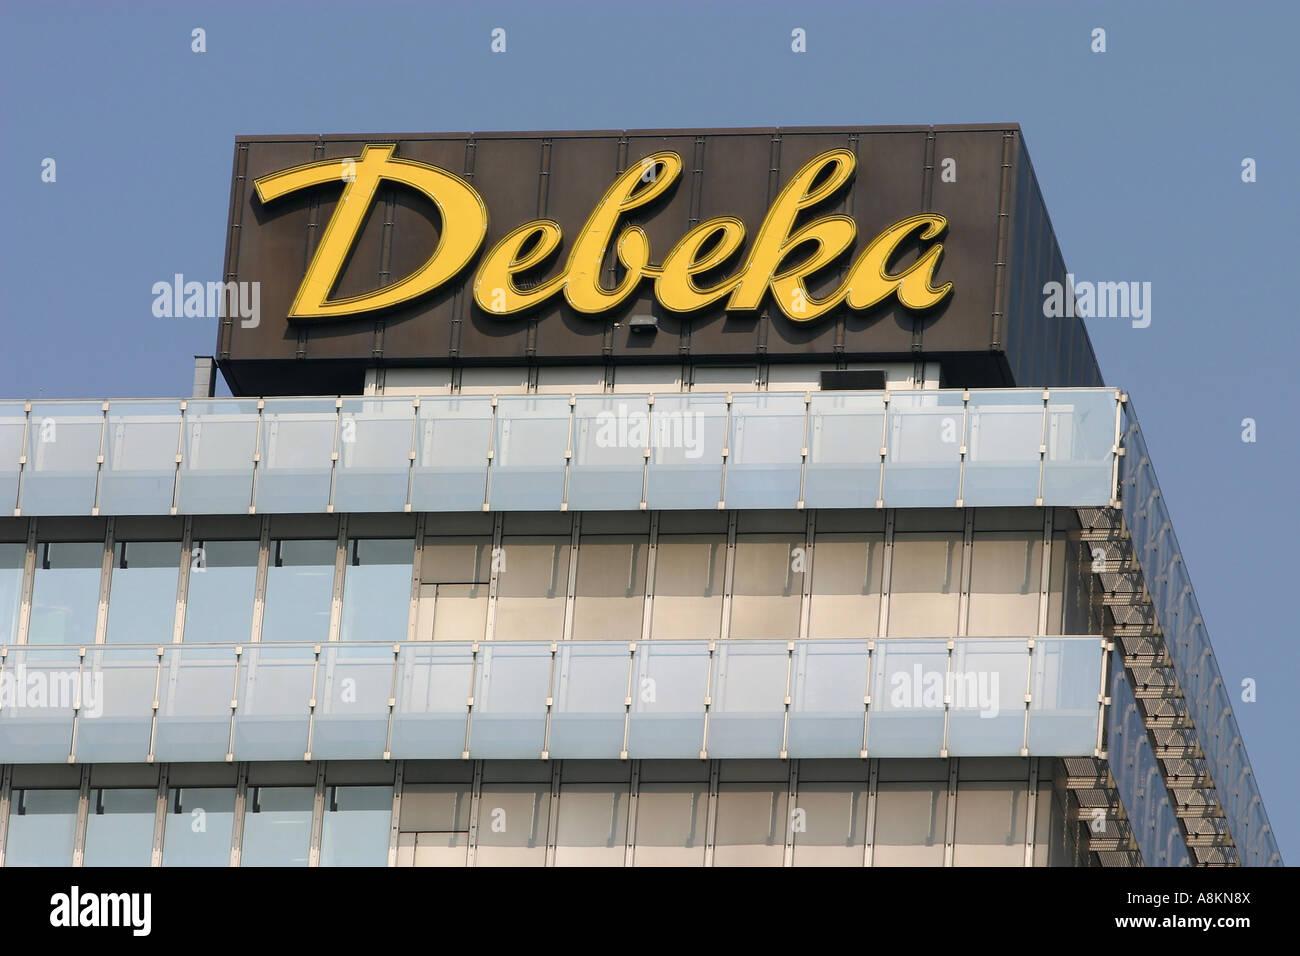 Leben Unfall Und Krankheit Mit Sitz Versicherung Debeka In Koblenz